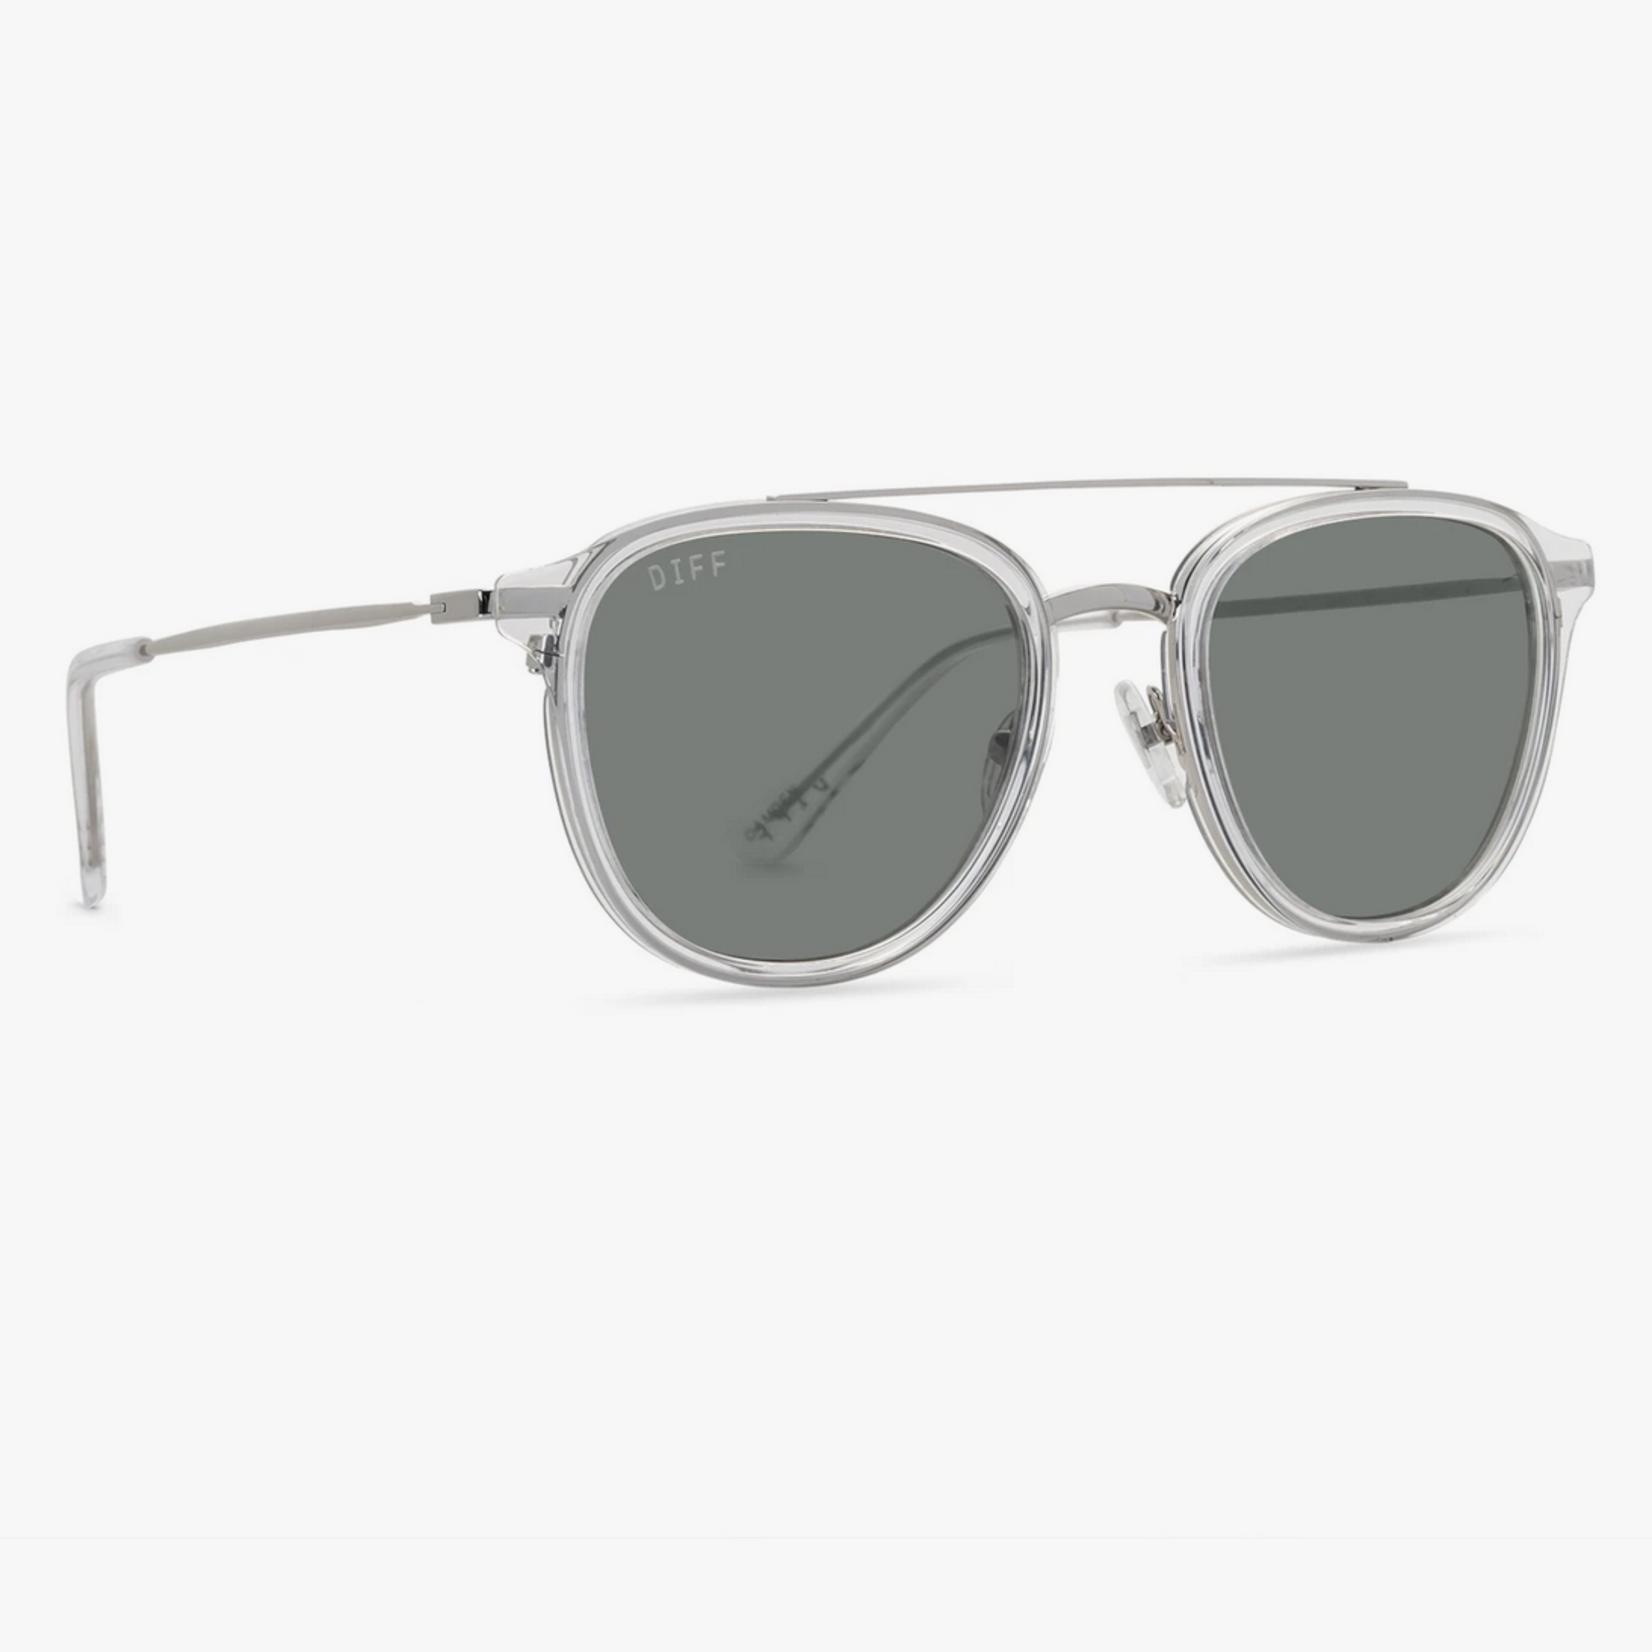 Diff - Camden sunglasses